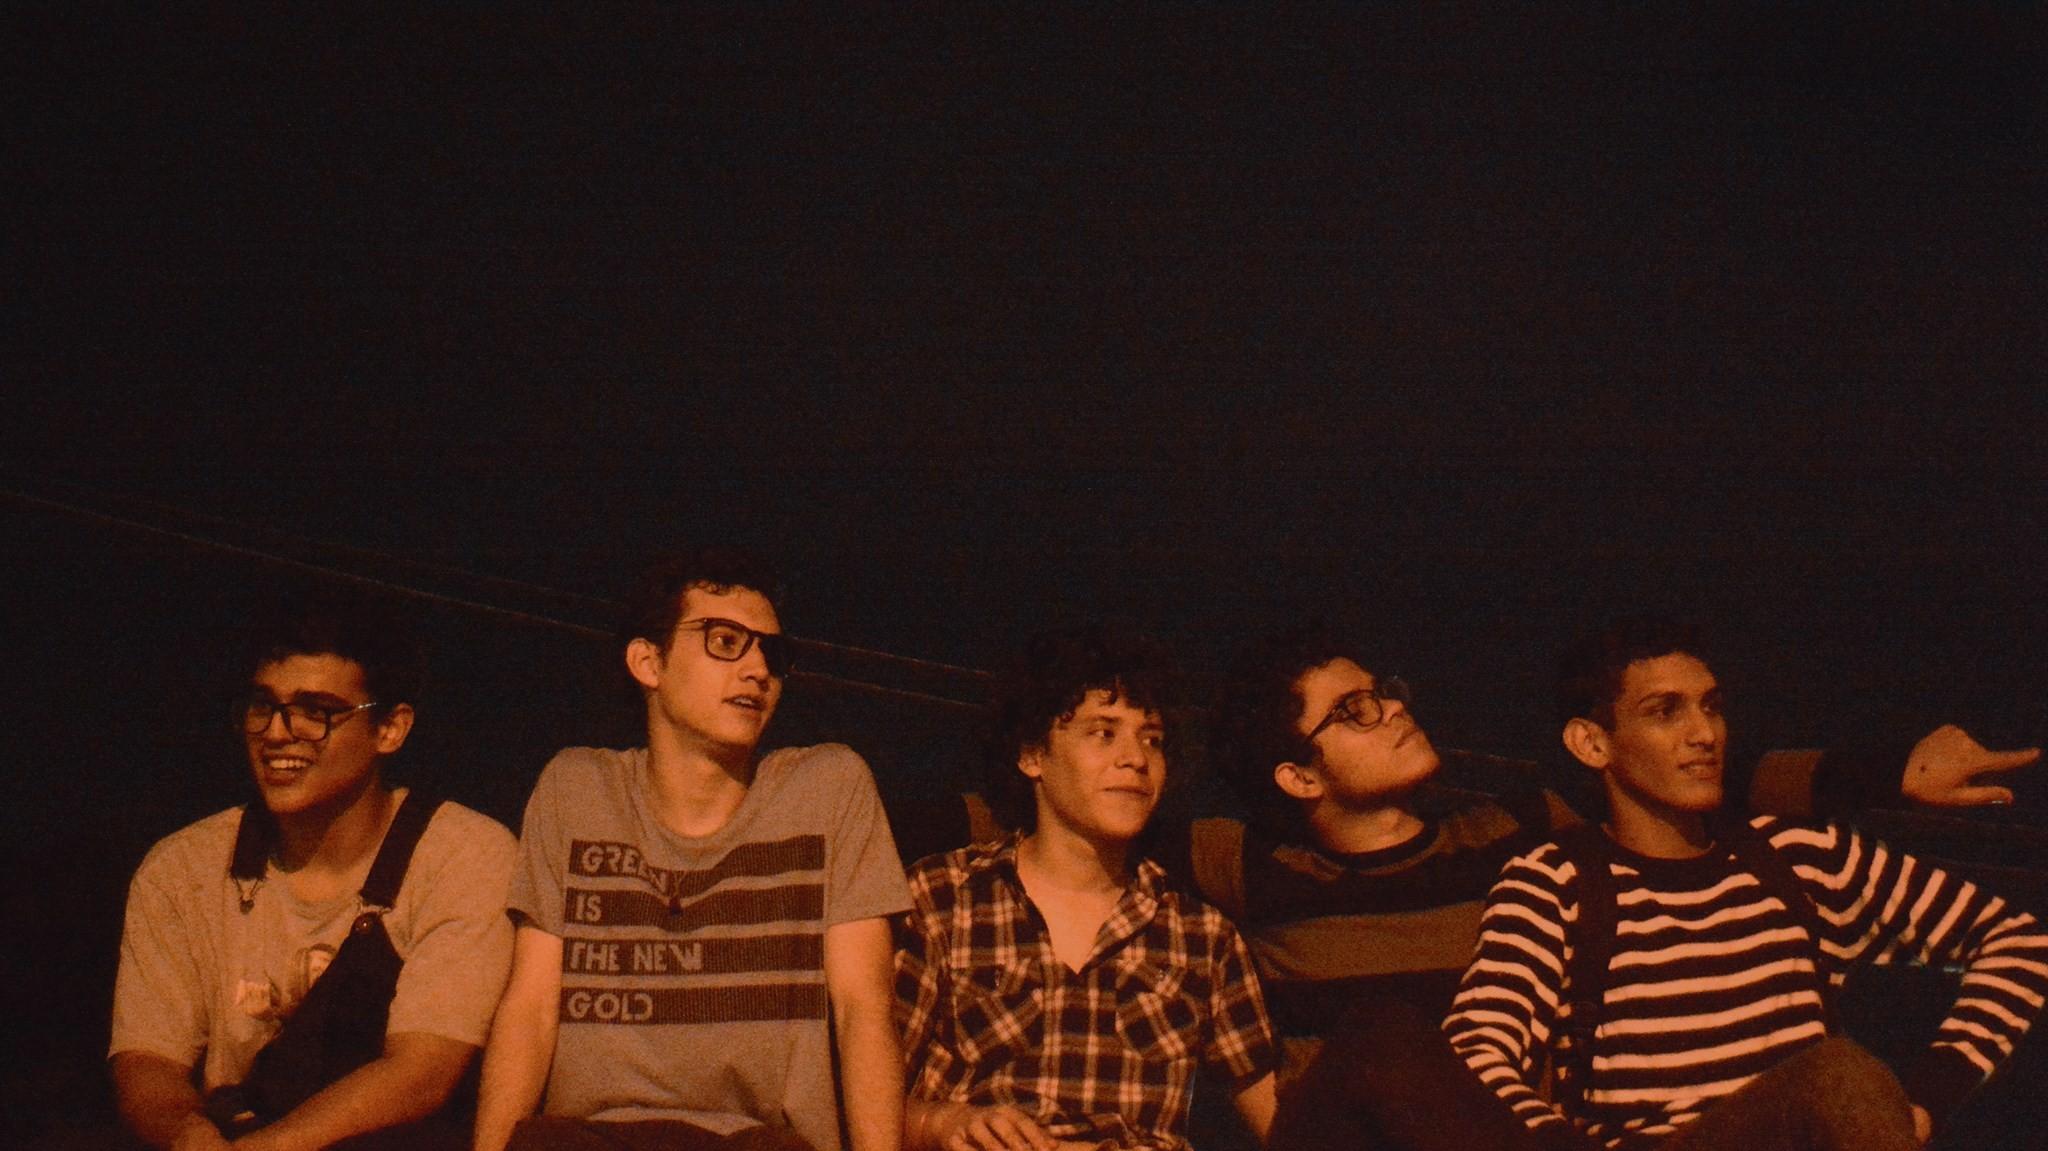 Bandas independentes ganham espaço em noite dedicada à música indie em Macapá